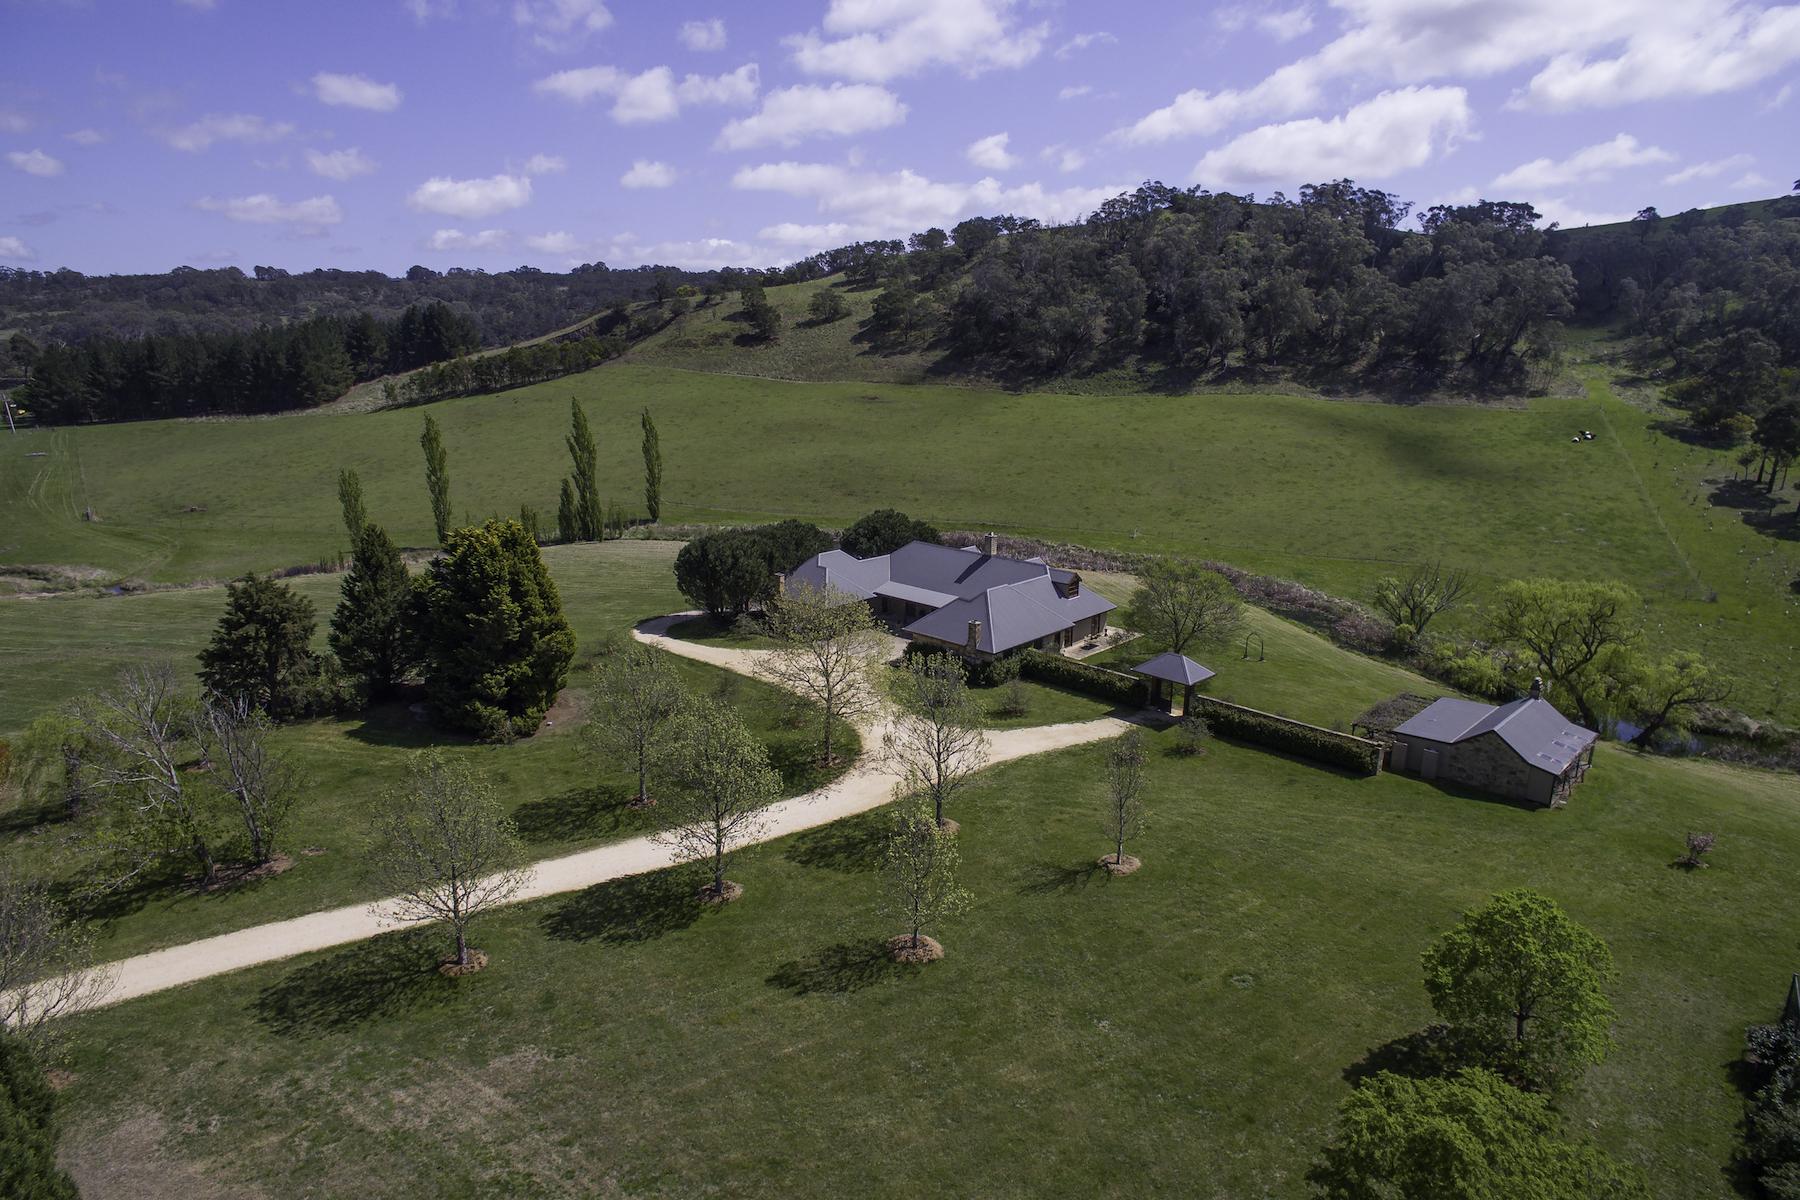 农场 / 牧场 / 种植园 为 销售 在 'Cordeaux' Berrima, 新南威尔士 2577 澳大利亚